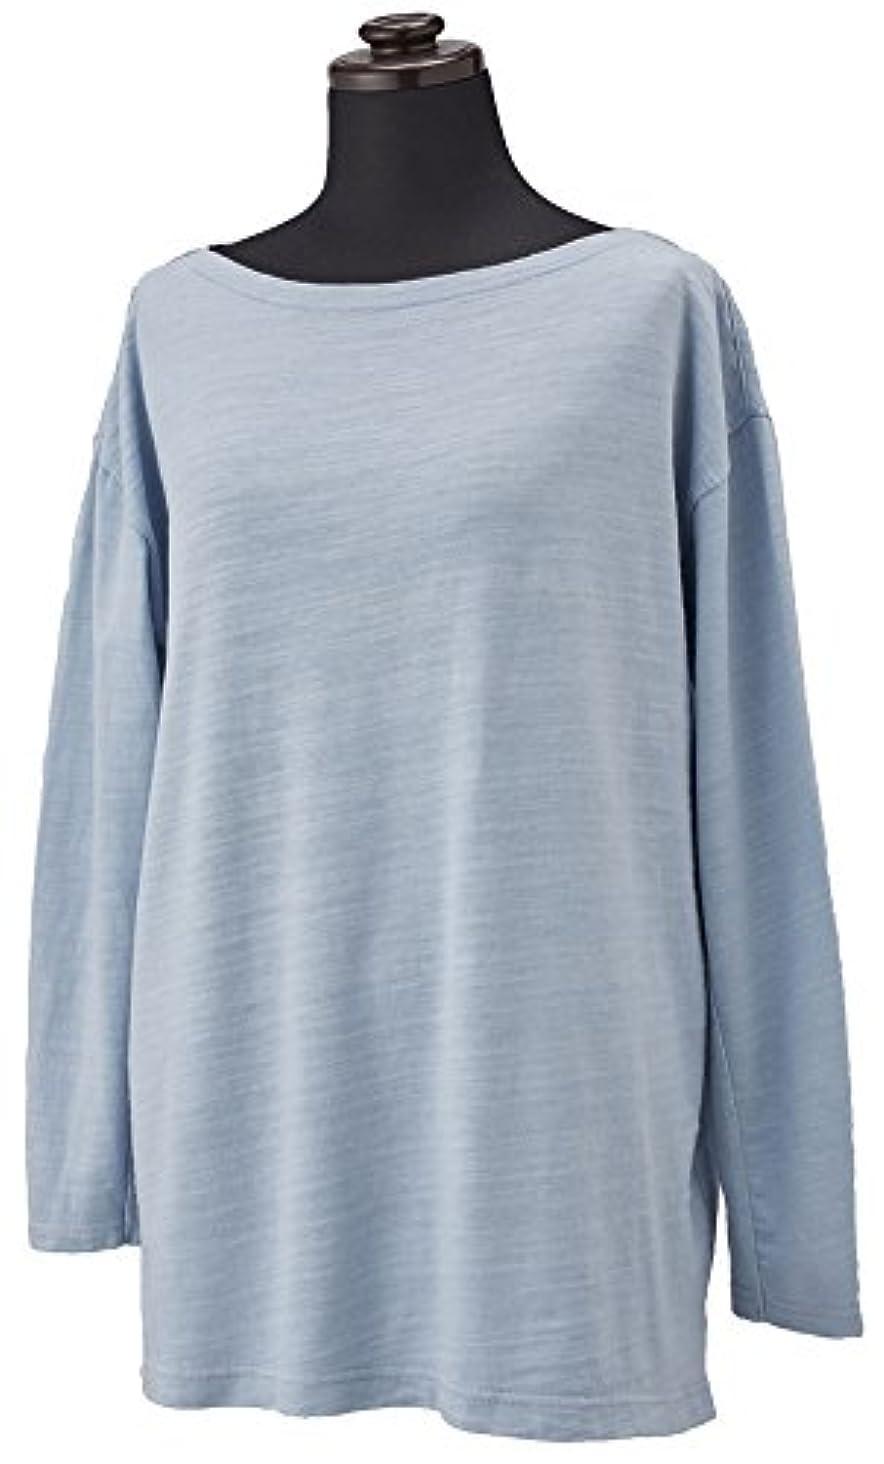 虫除け加工 ボートネック 長袖 Tシャツ (男女兼用) L~LLサイズ サックスグレー SG-L